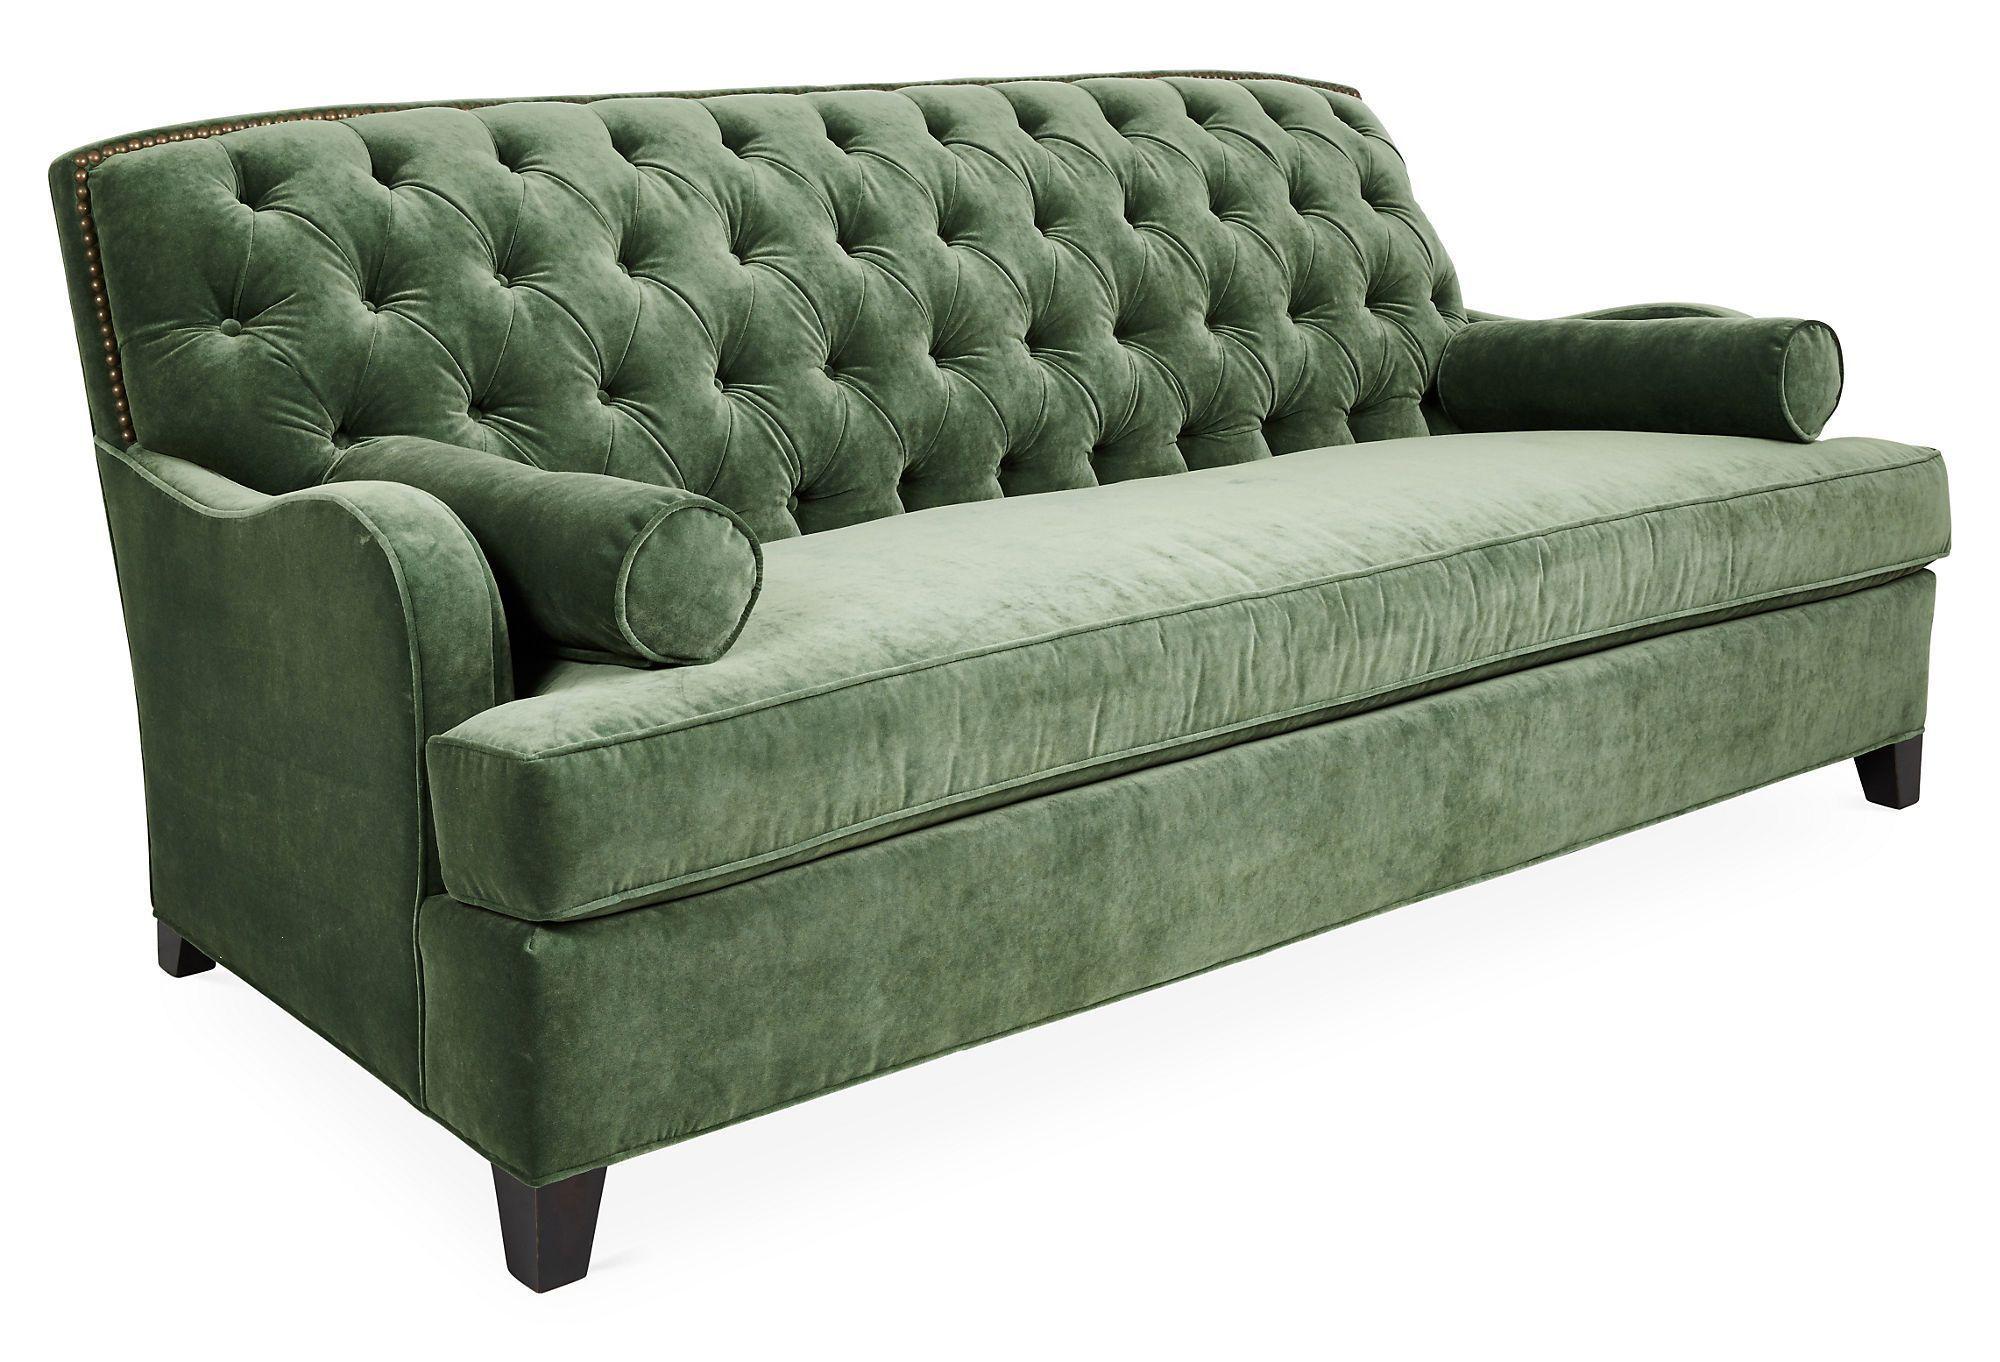 New Kristin Drohan Collection